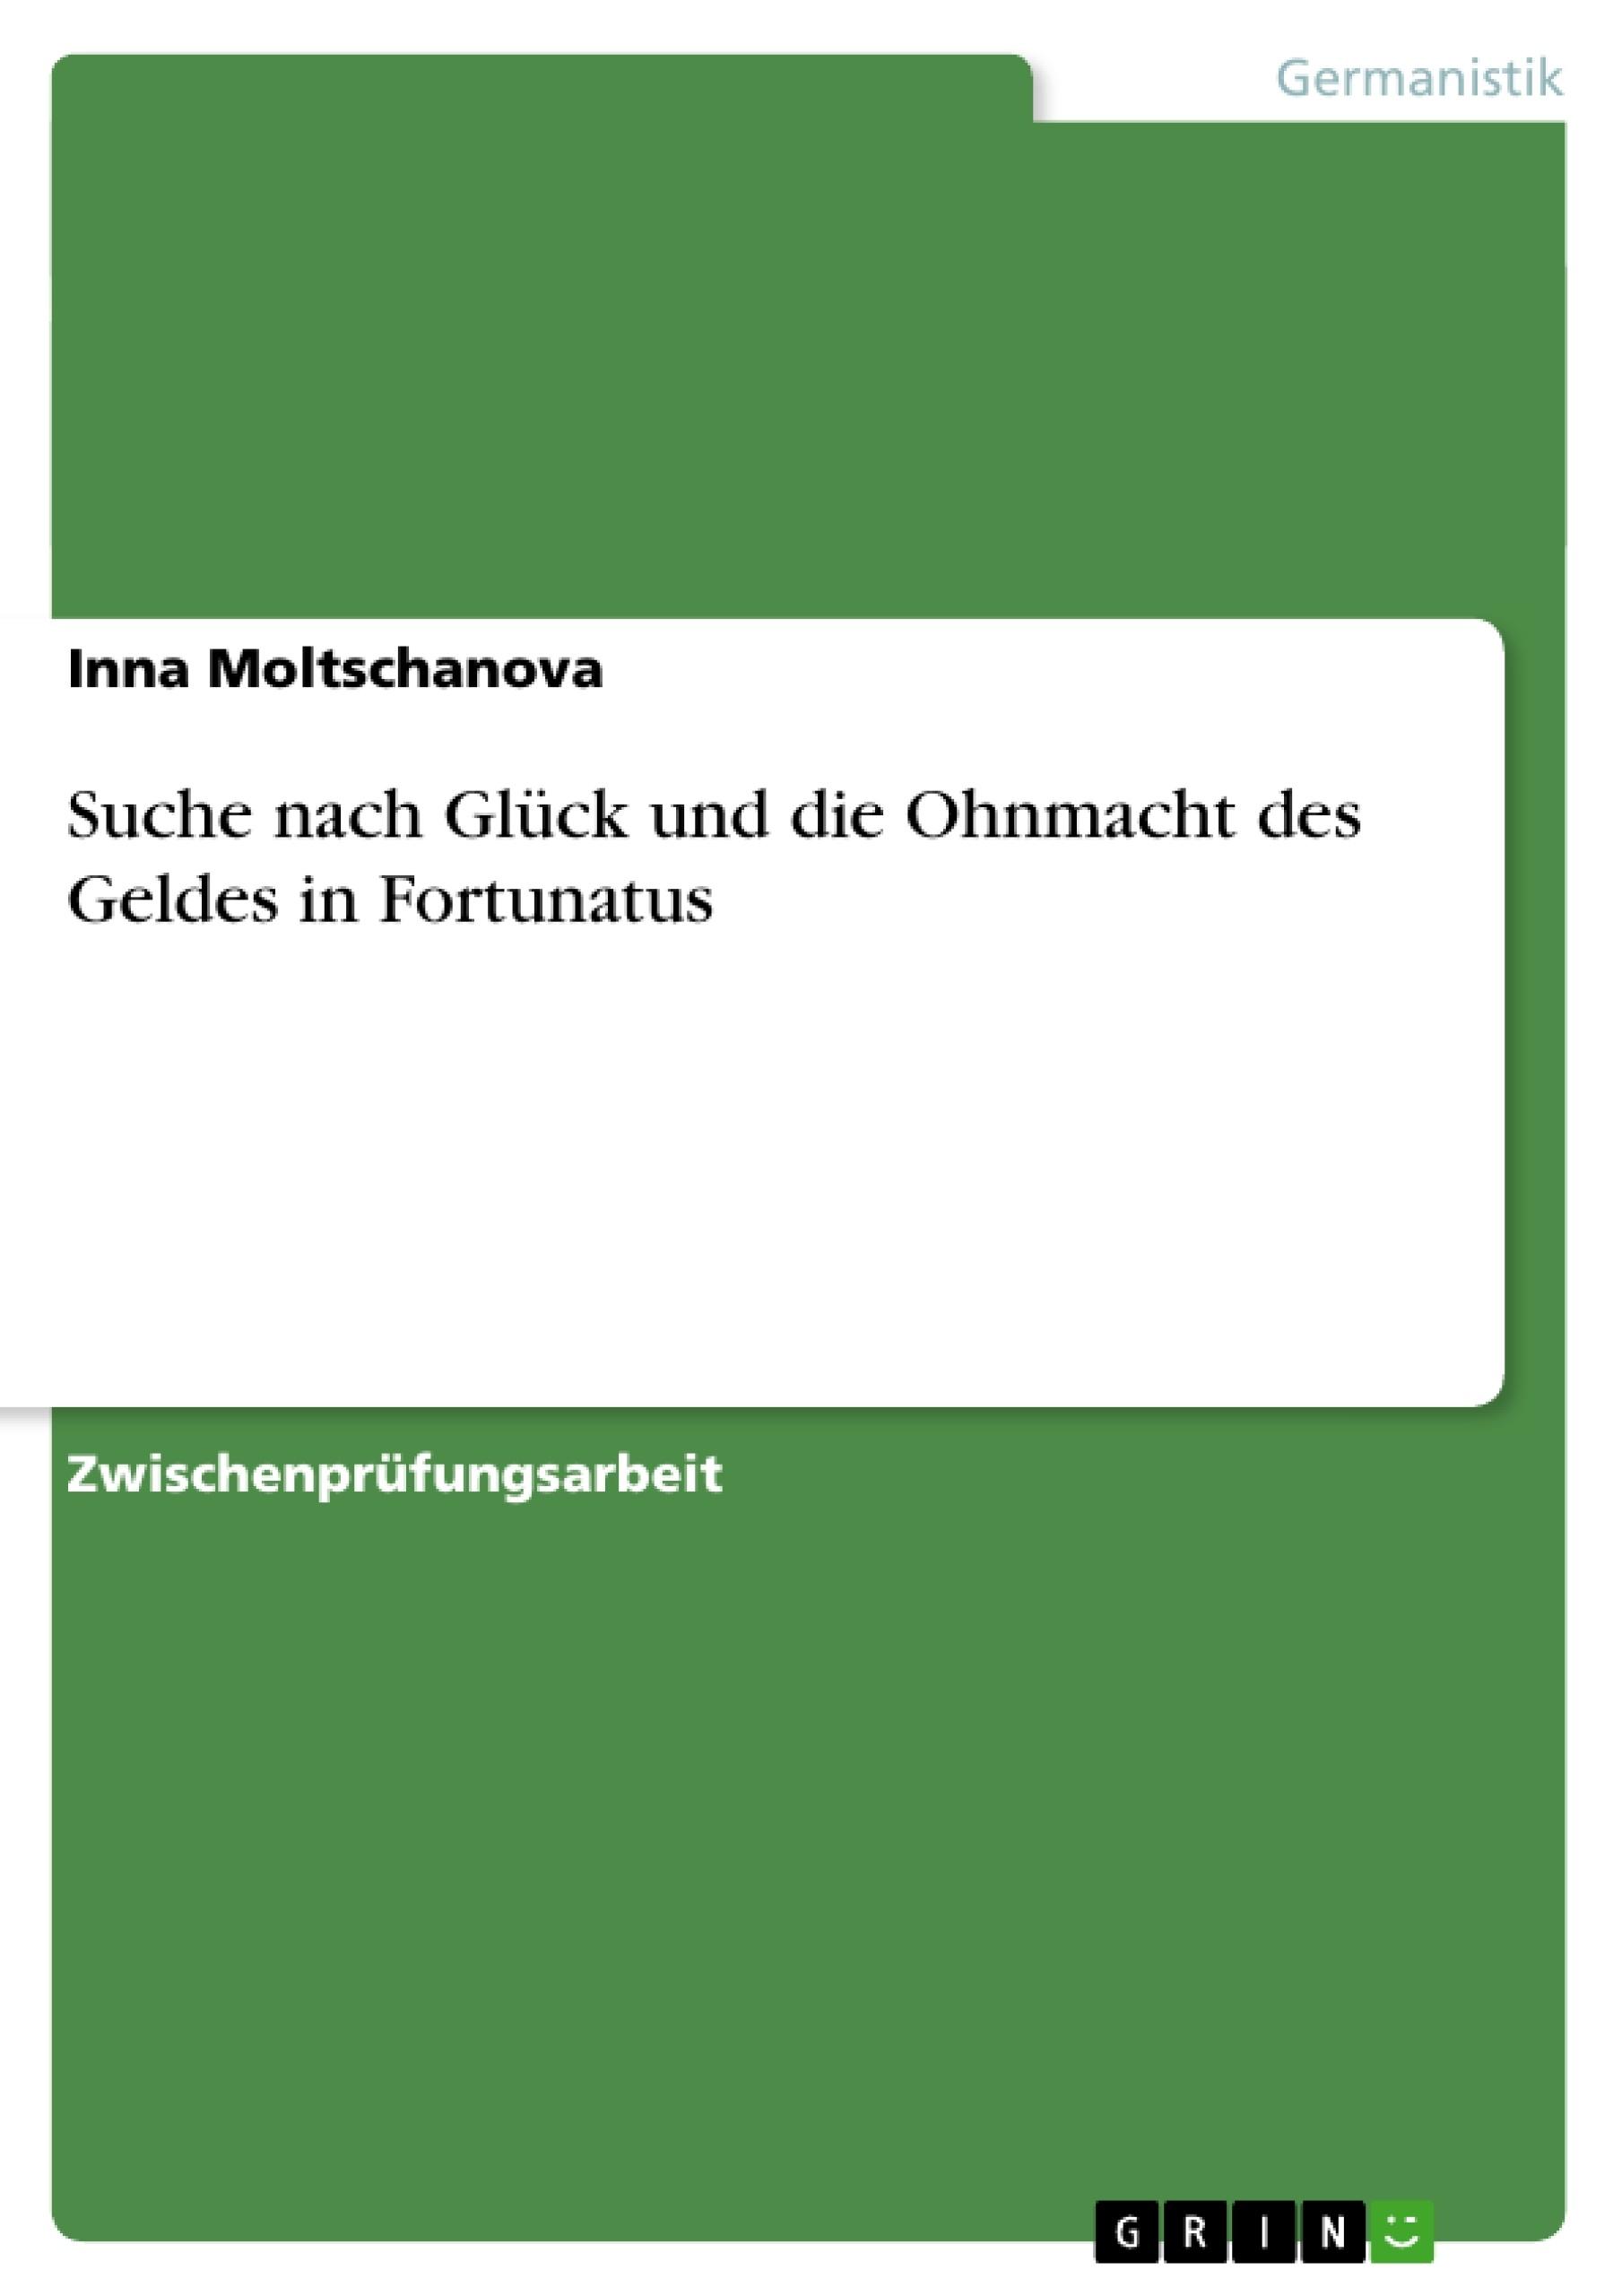 Titel: Suche nach Glück und die Ohnmacht des Geldes in  Fortunatus